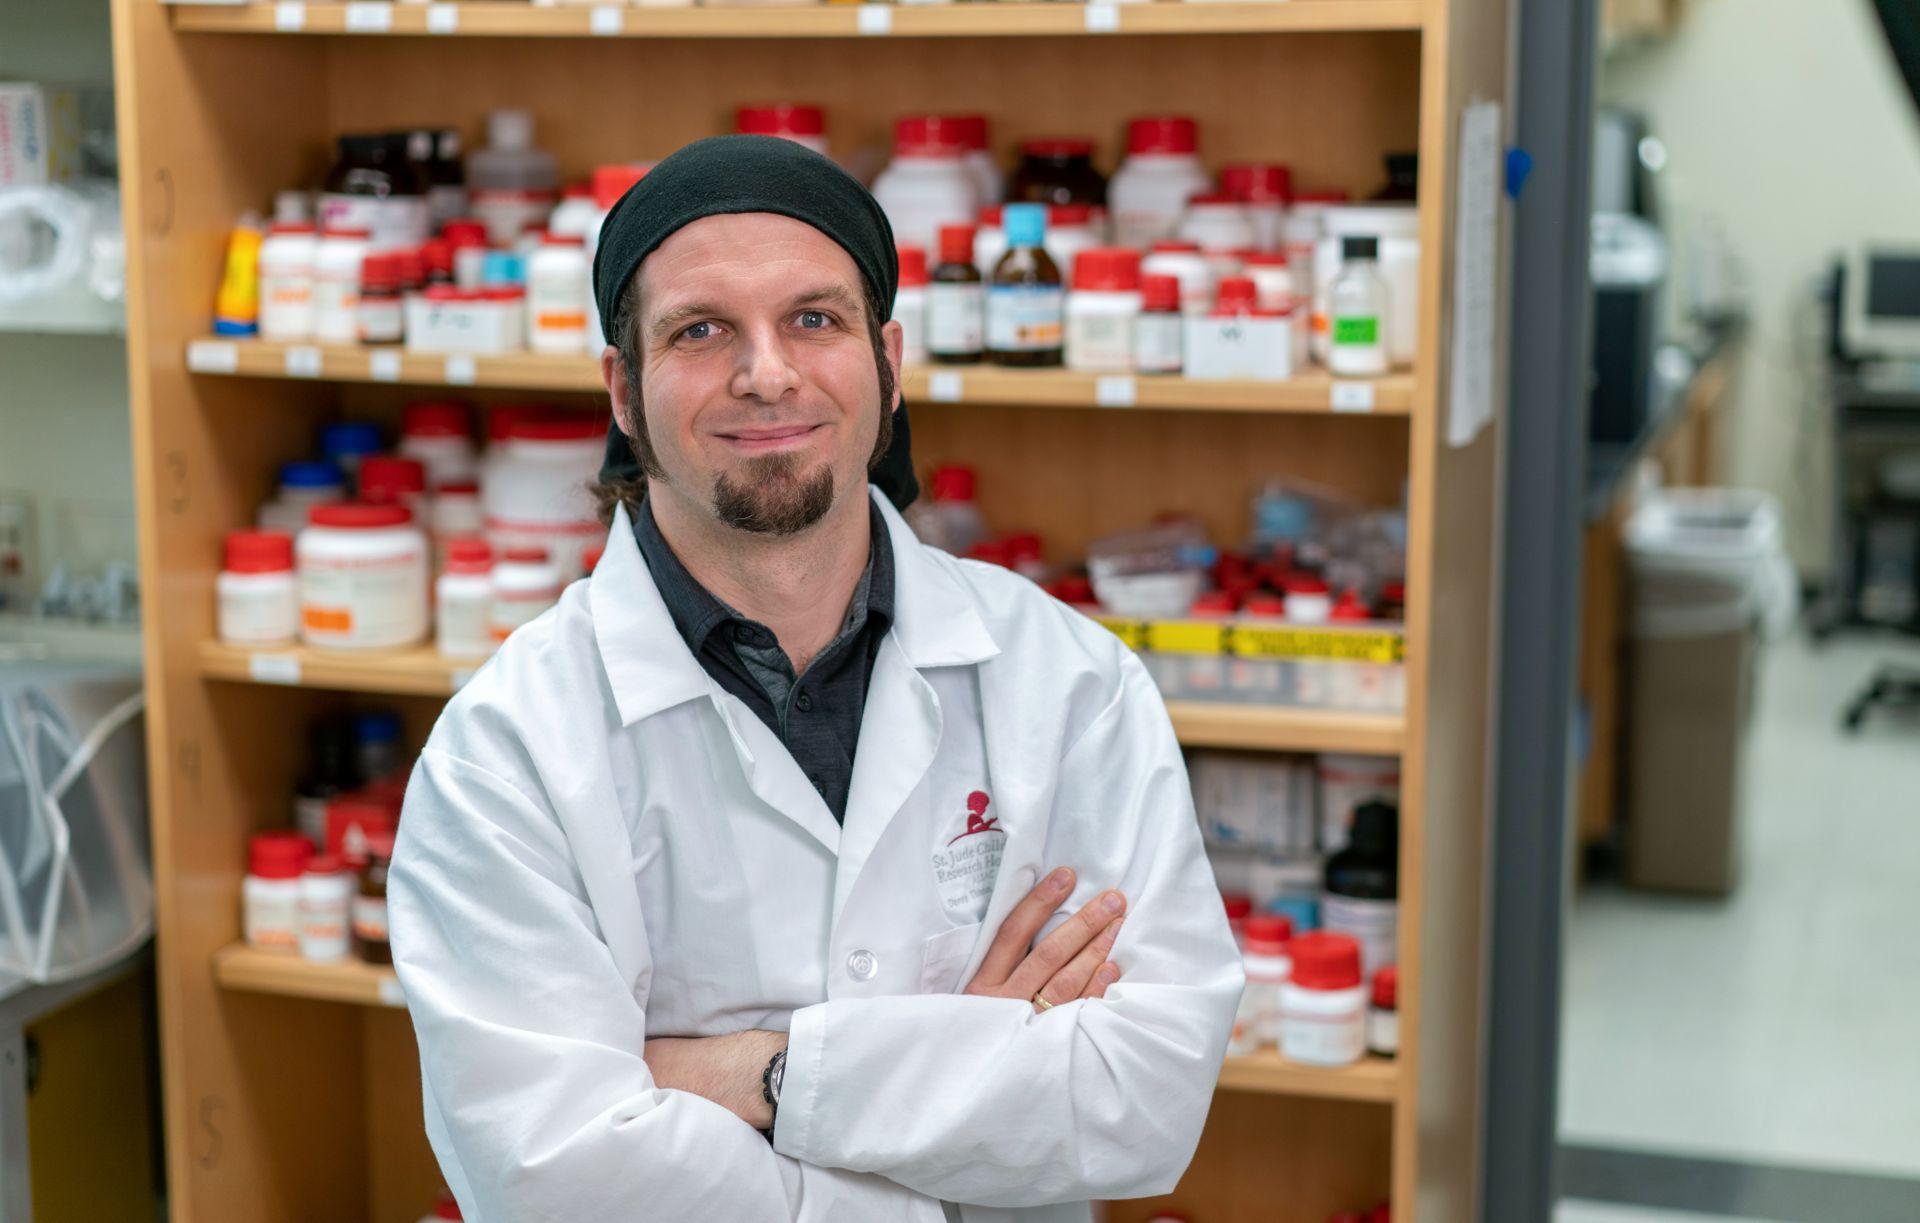 Emilio Boada Romero, PhD